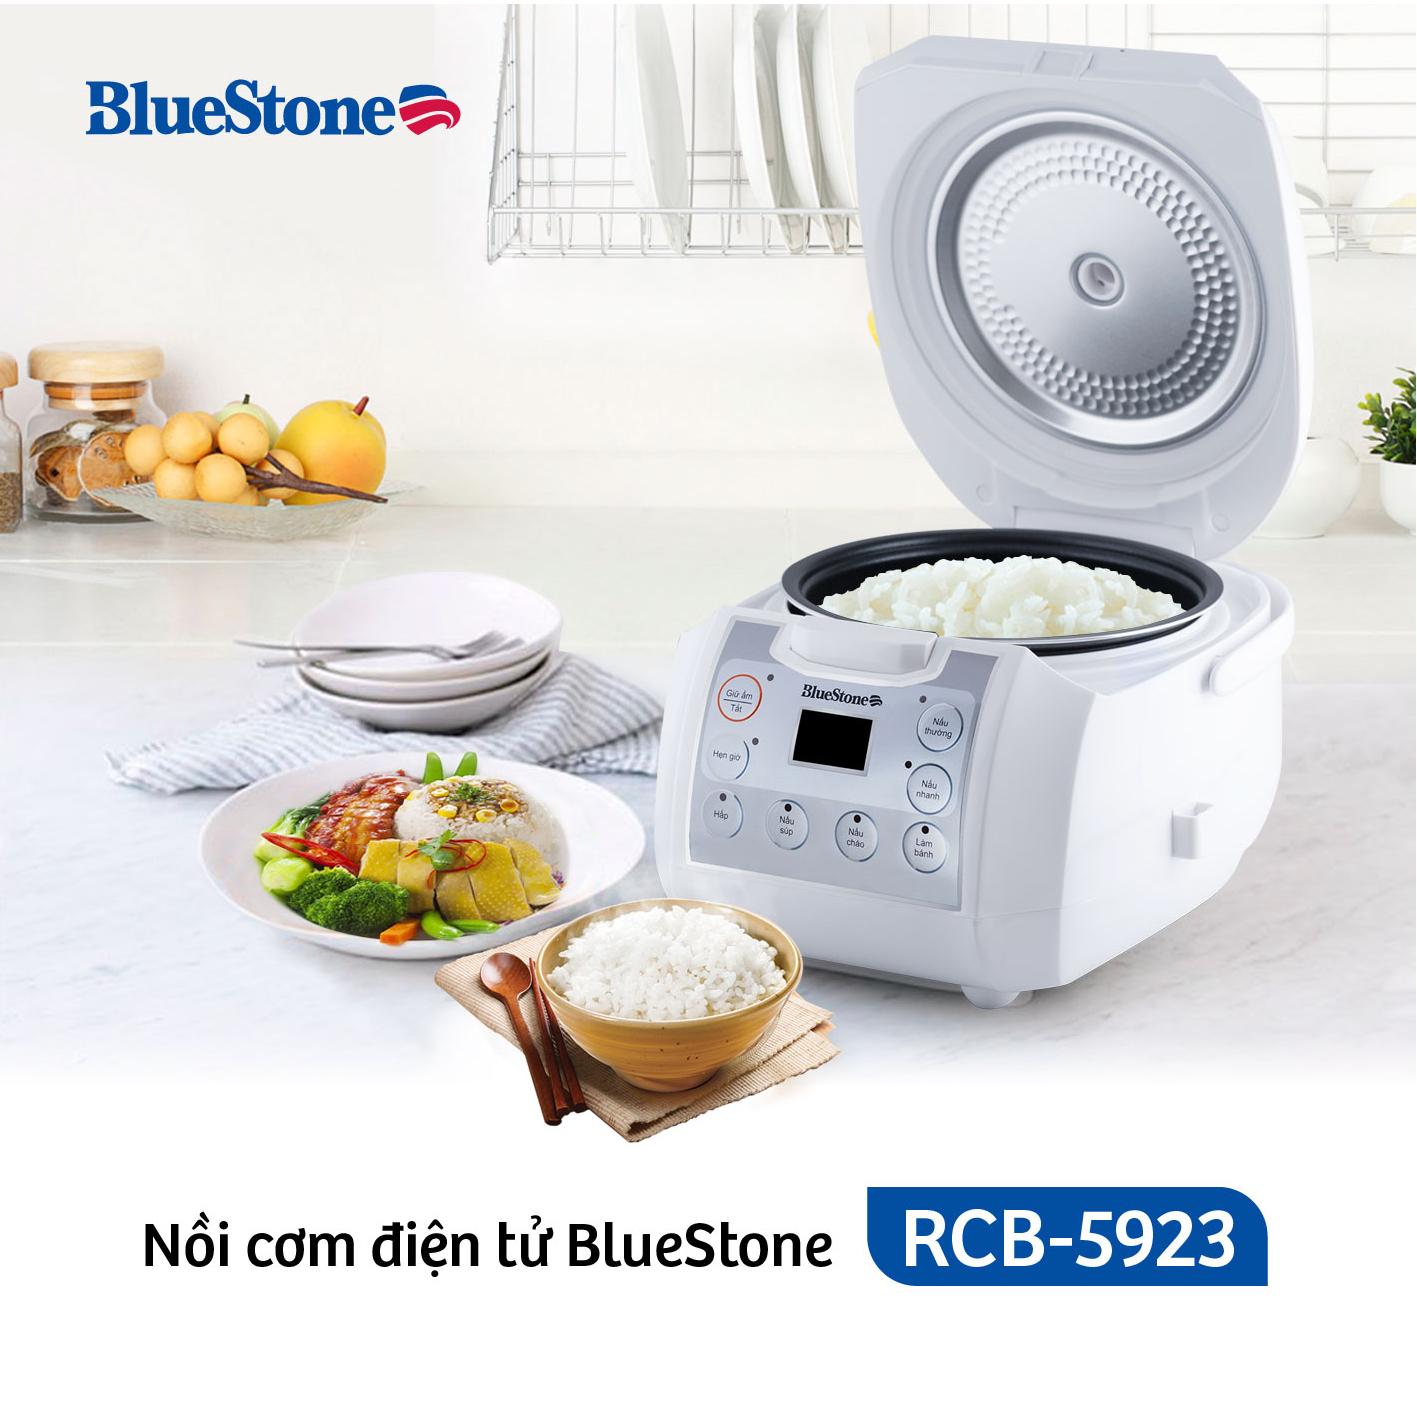 Nồi Cơm Điện Tử Bluestone RCB-5923 (1.8L)